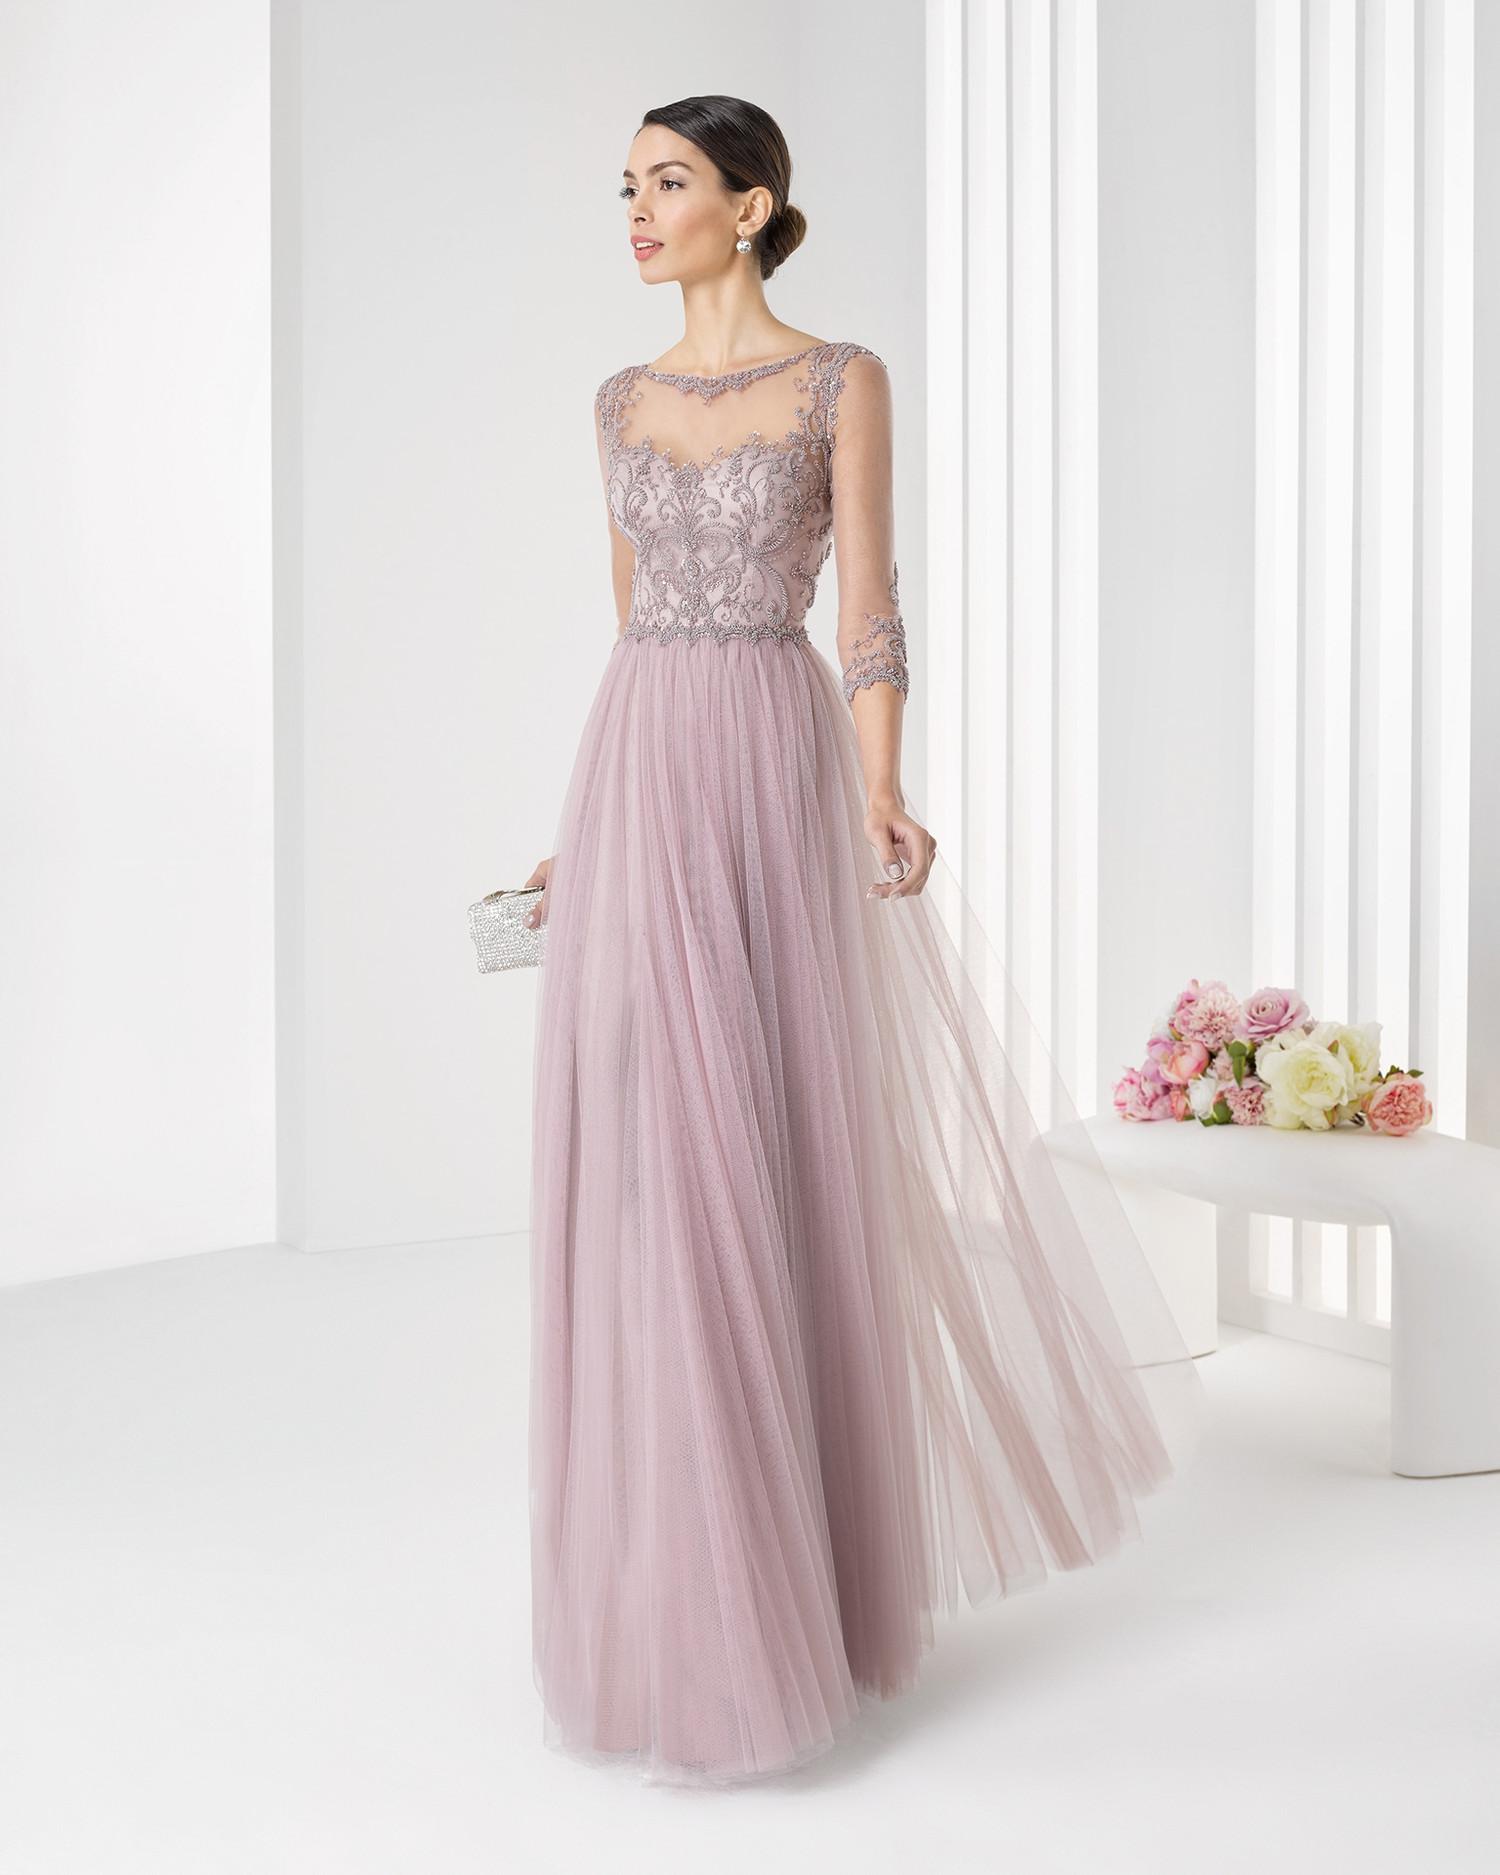 dacc022a5f Bridesmaid Dresses by Rosa Clará - 2016 - Weddingwire.ca